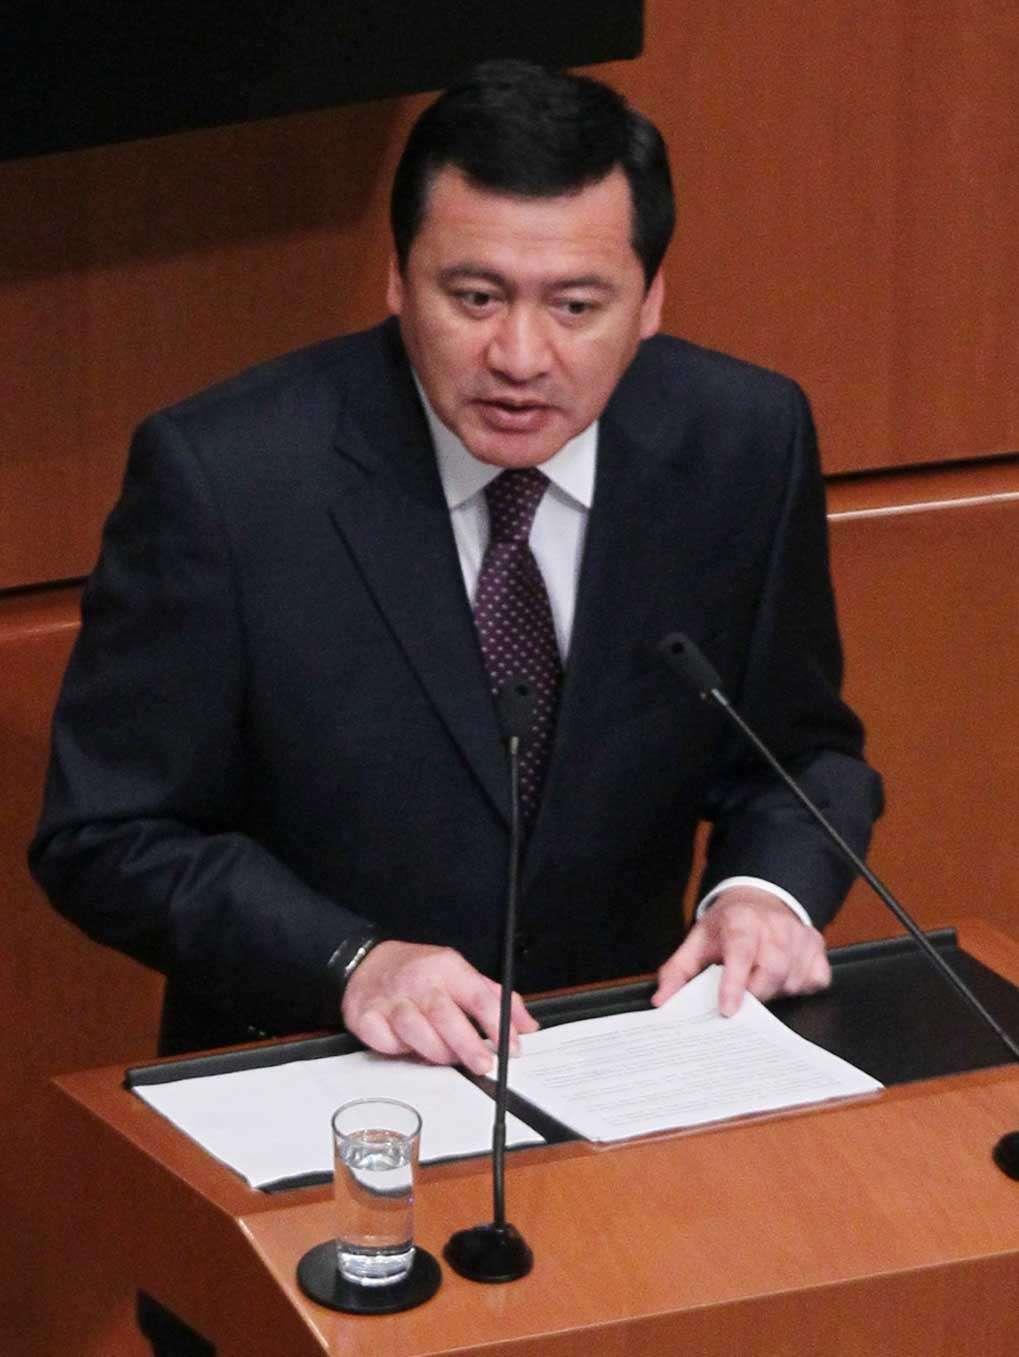 El secretario de Gobernación hizo énfasis en la reducción del 40% de las recomendaciones de la Comisión Nacional de Derechos Humanos a las instituciones de seguridad, en comparación con 2012. Foto: Notimex